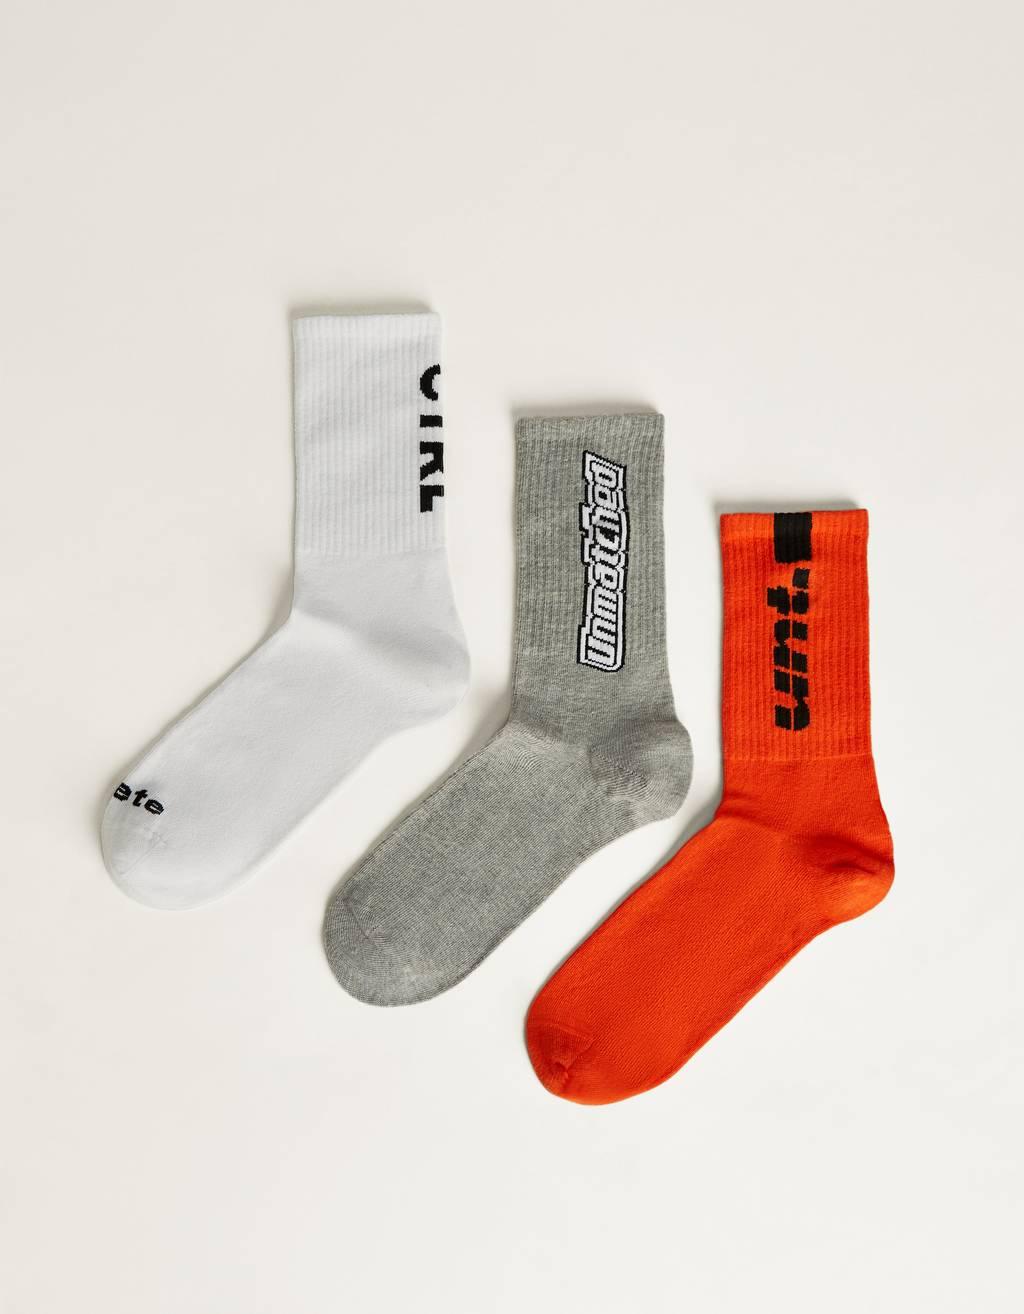 Pack of printed socks